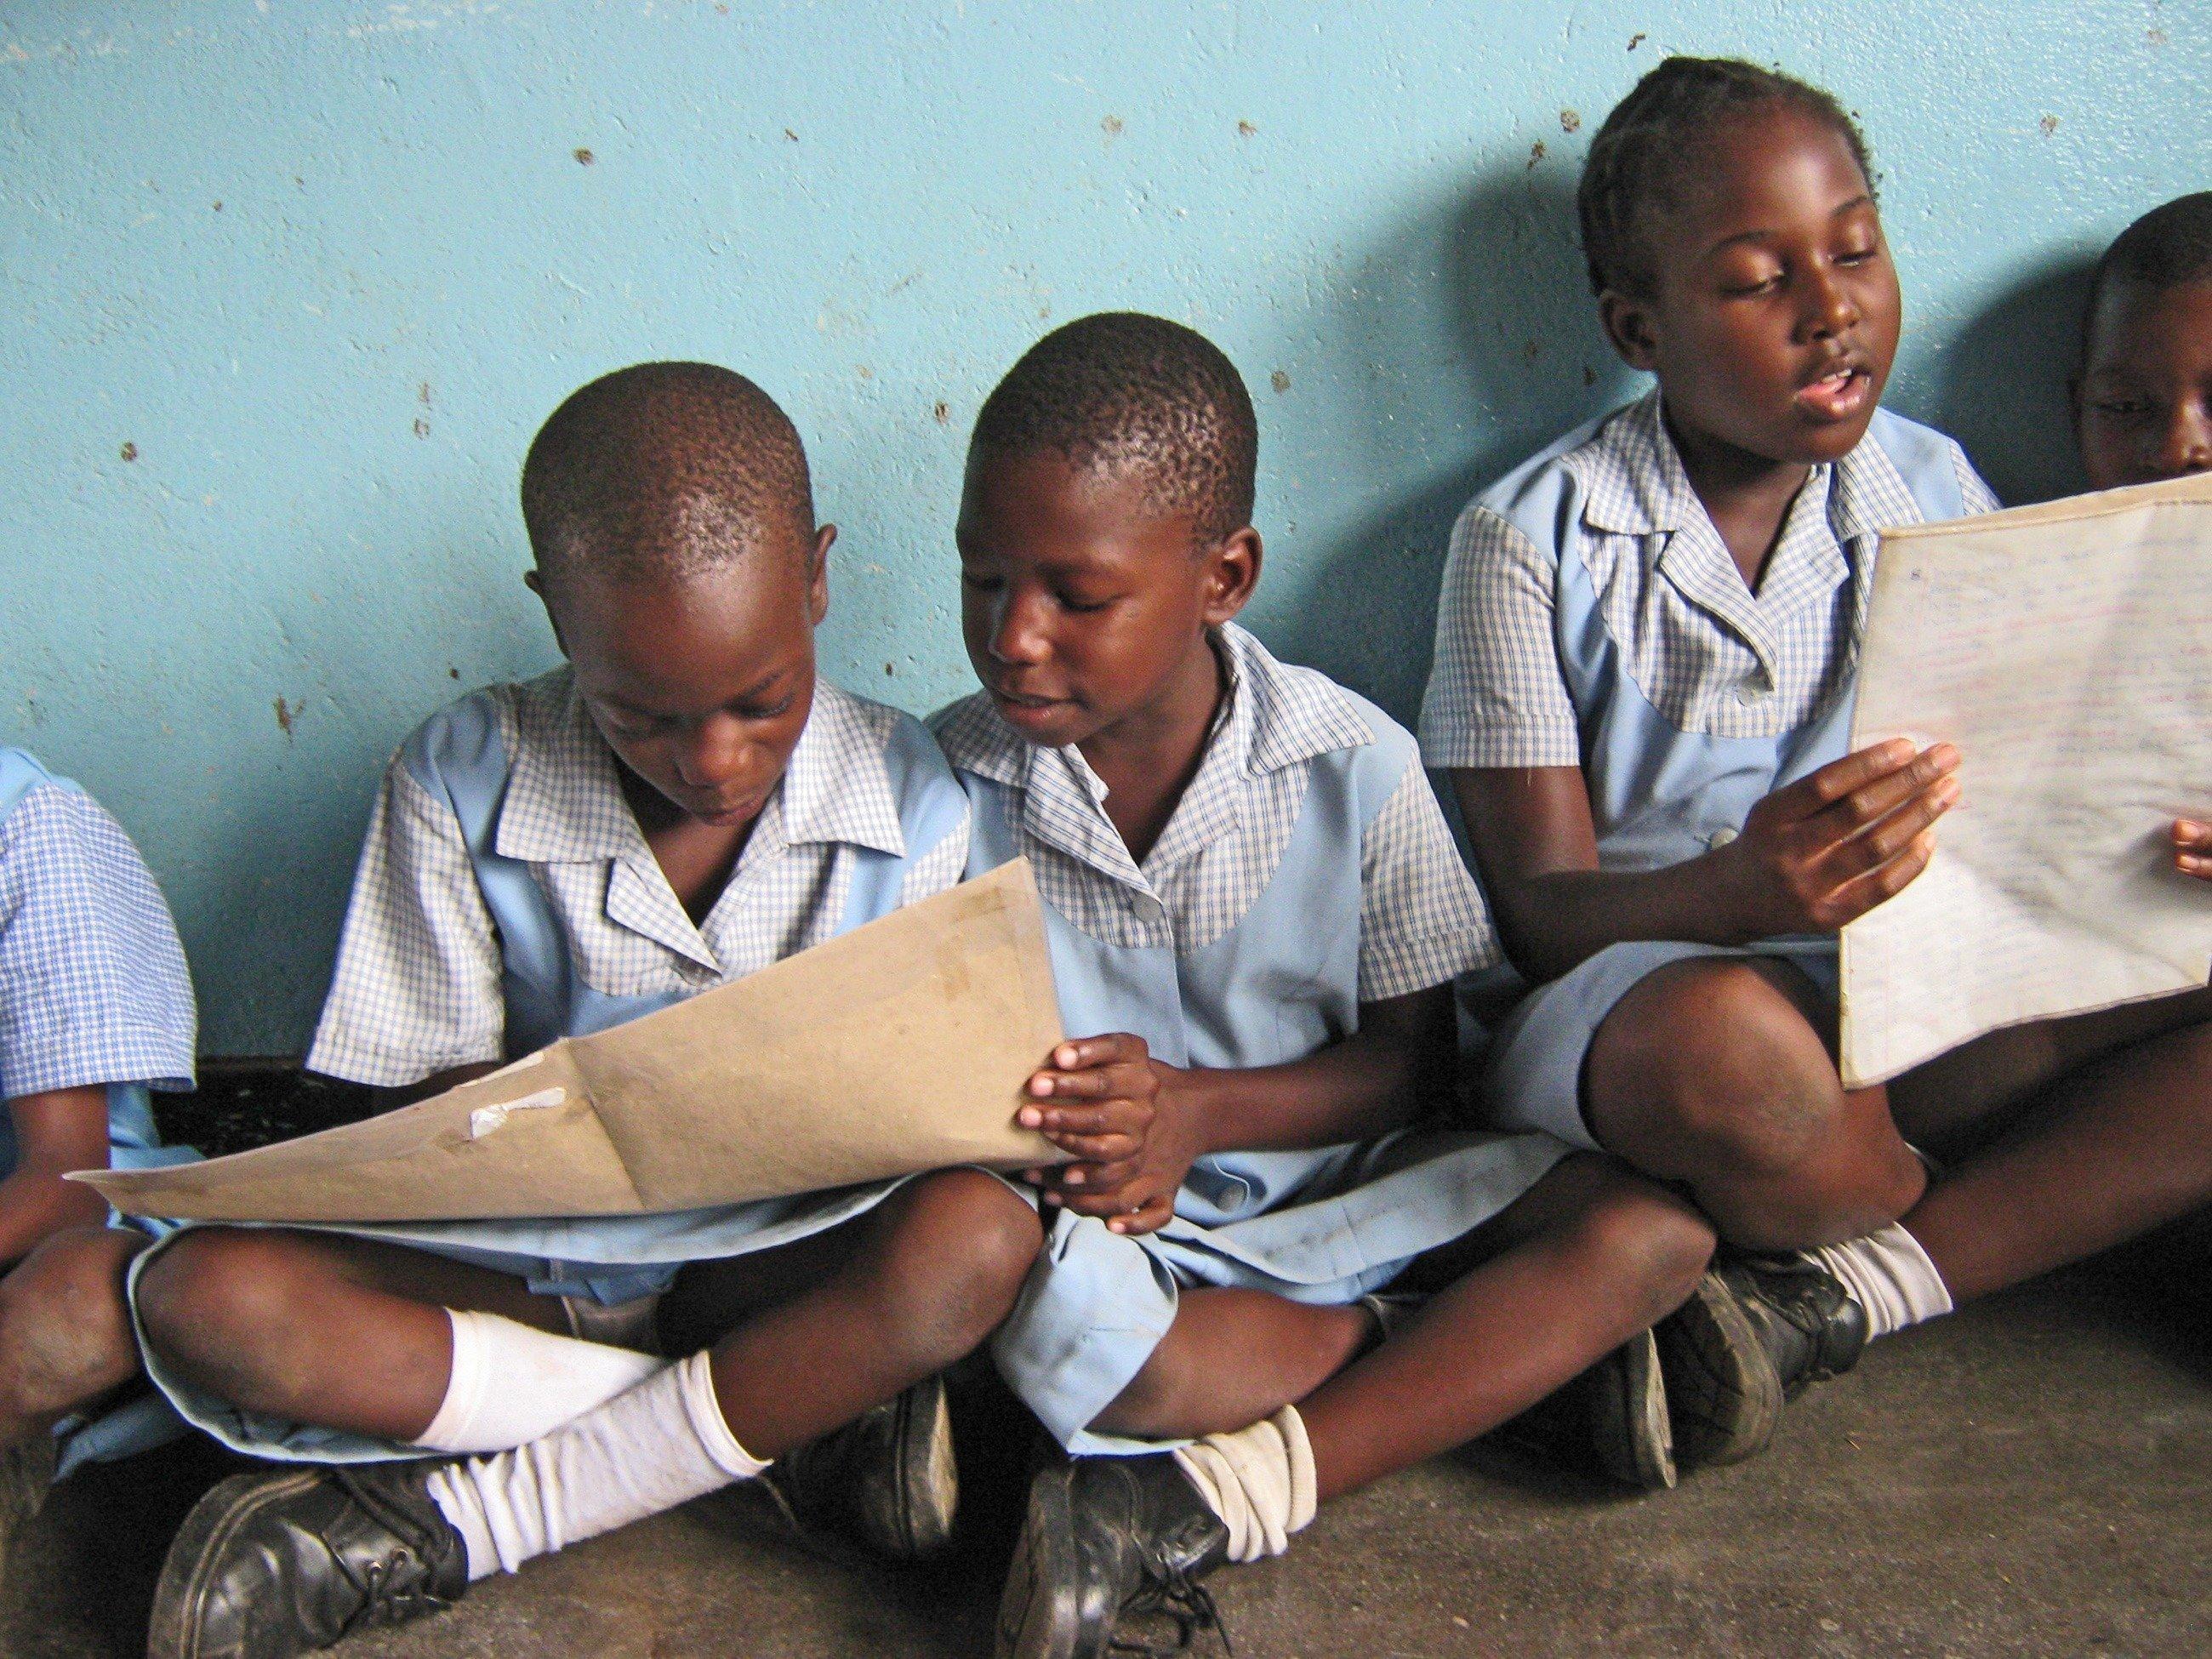 Des petites filles en robes bleues lisent un cahier.